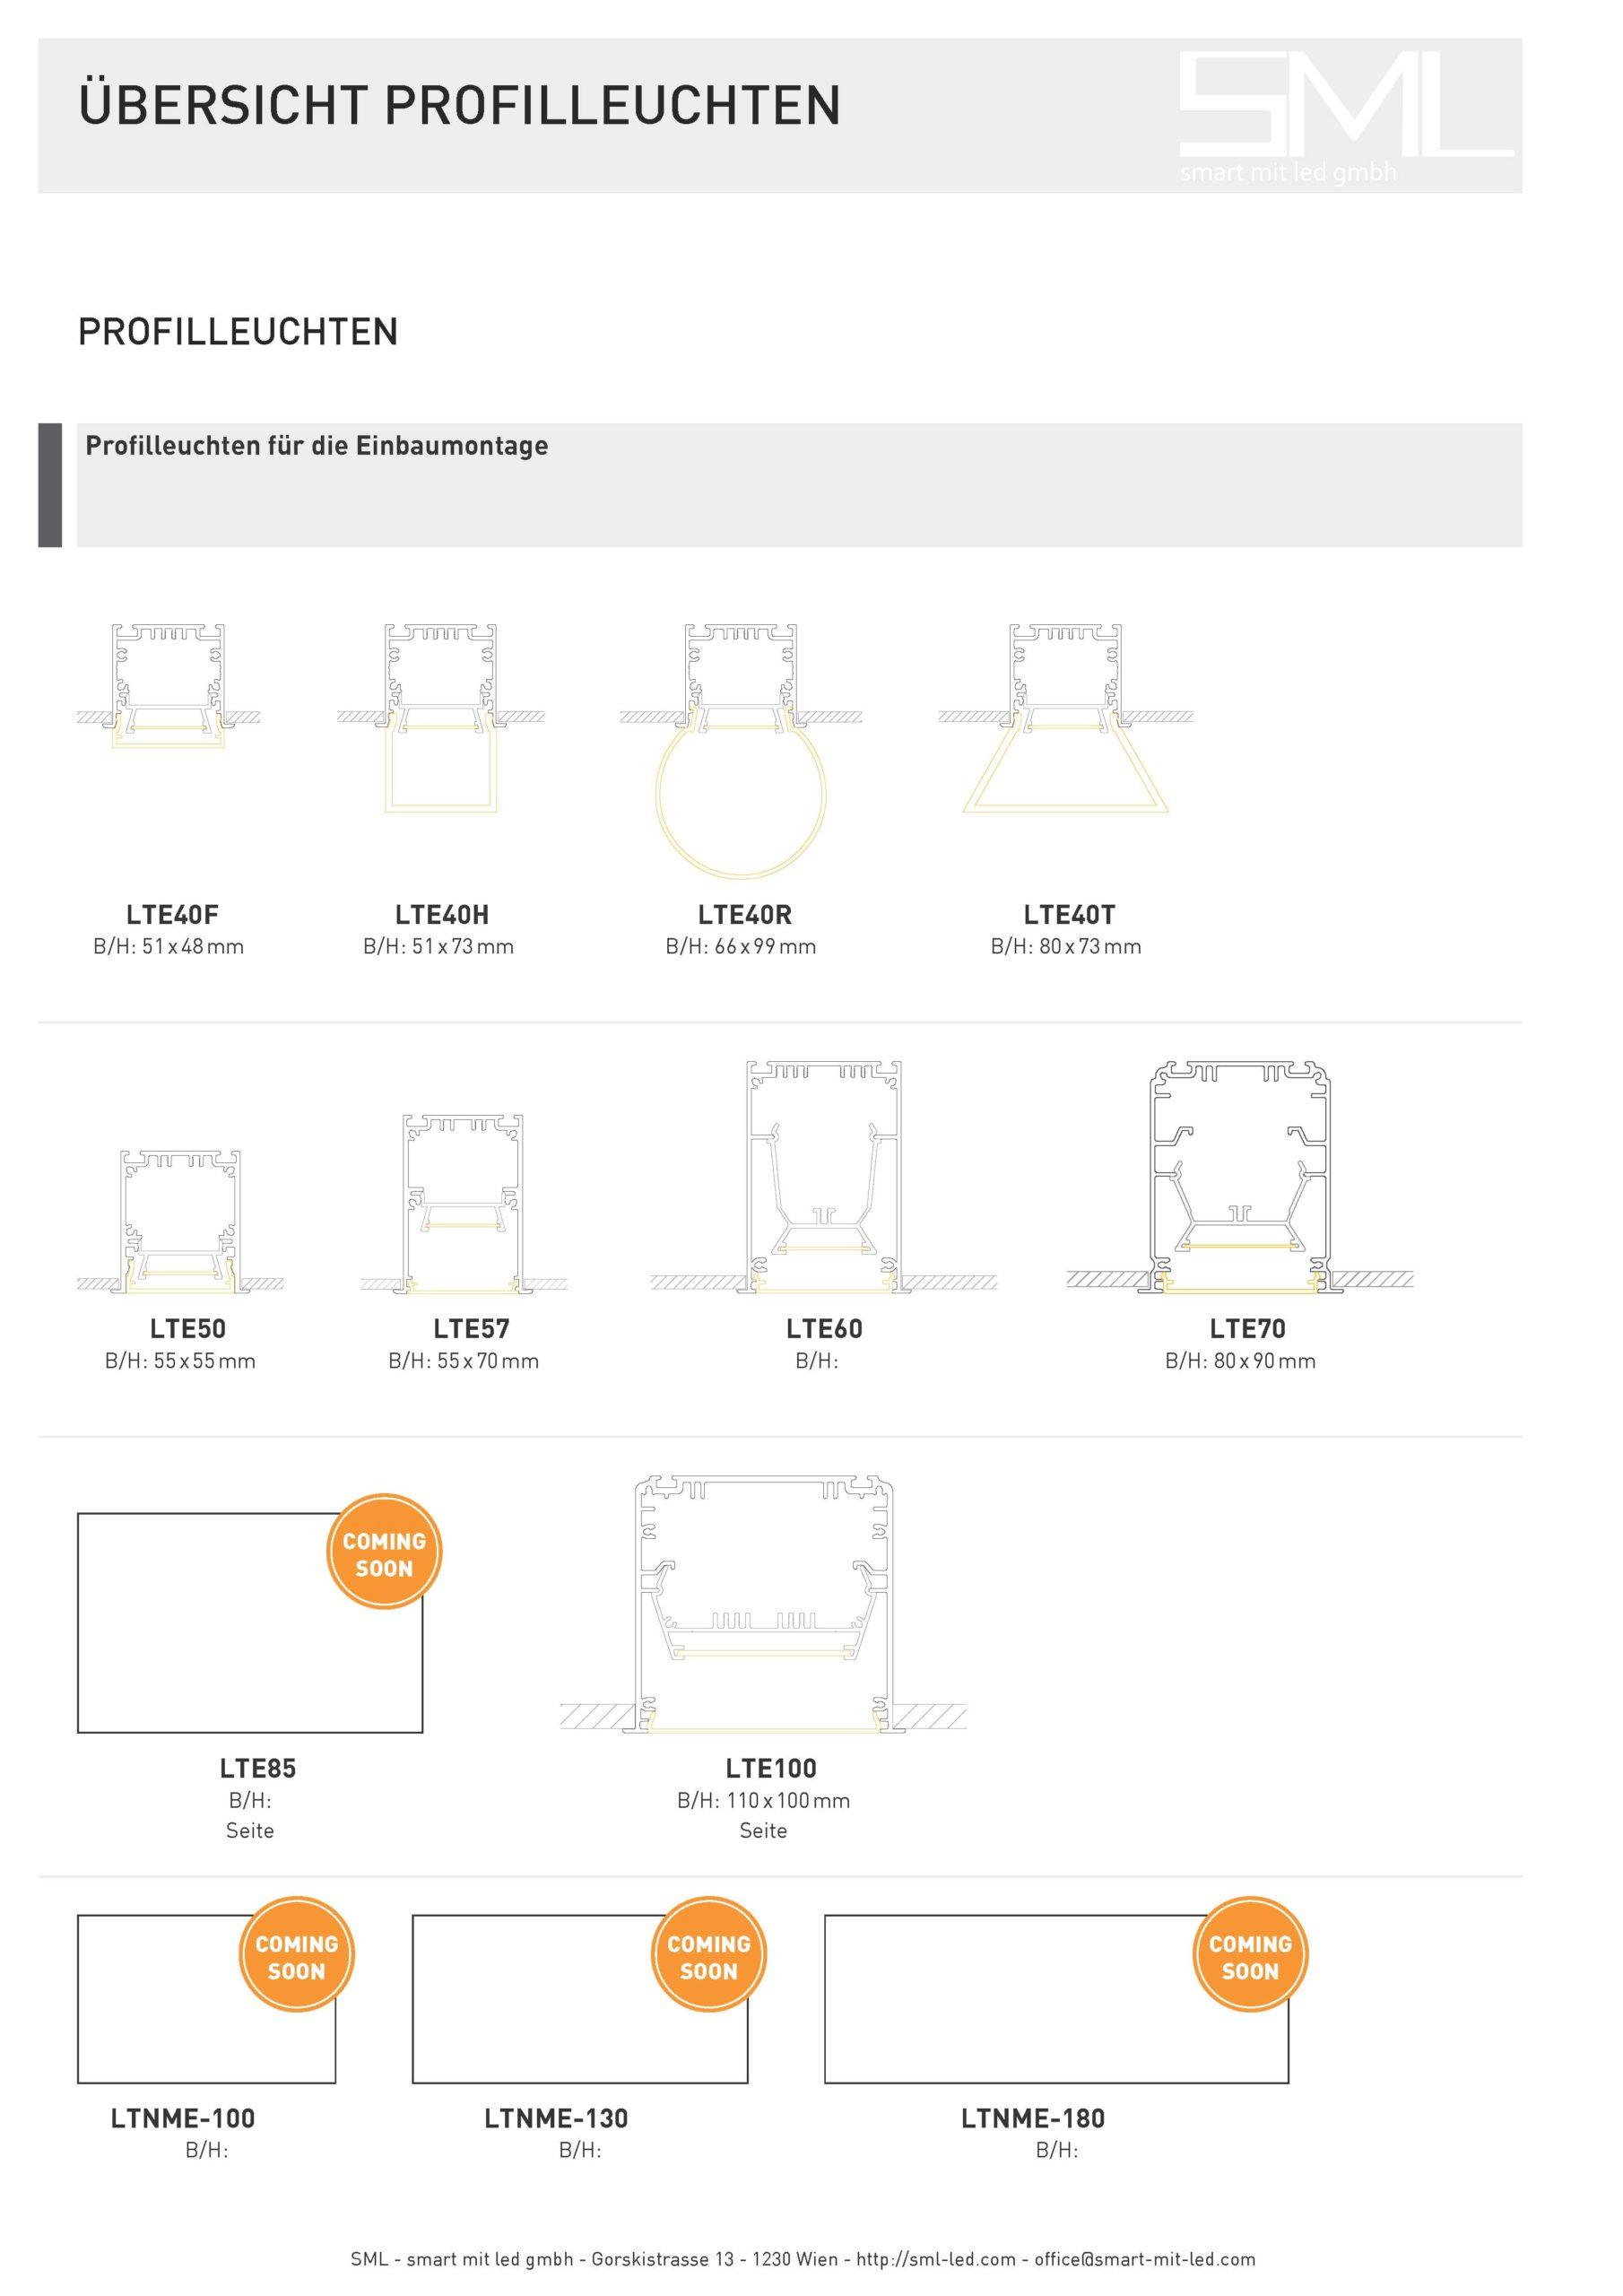 SML LED Profilleuchten Übersicht 3